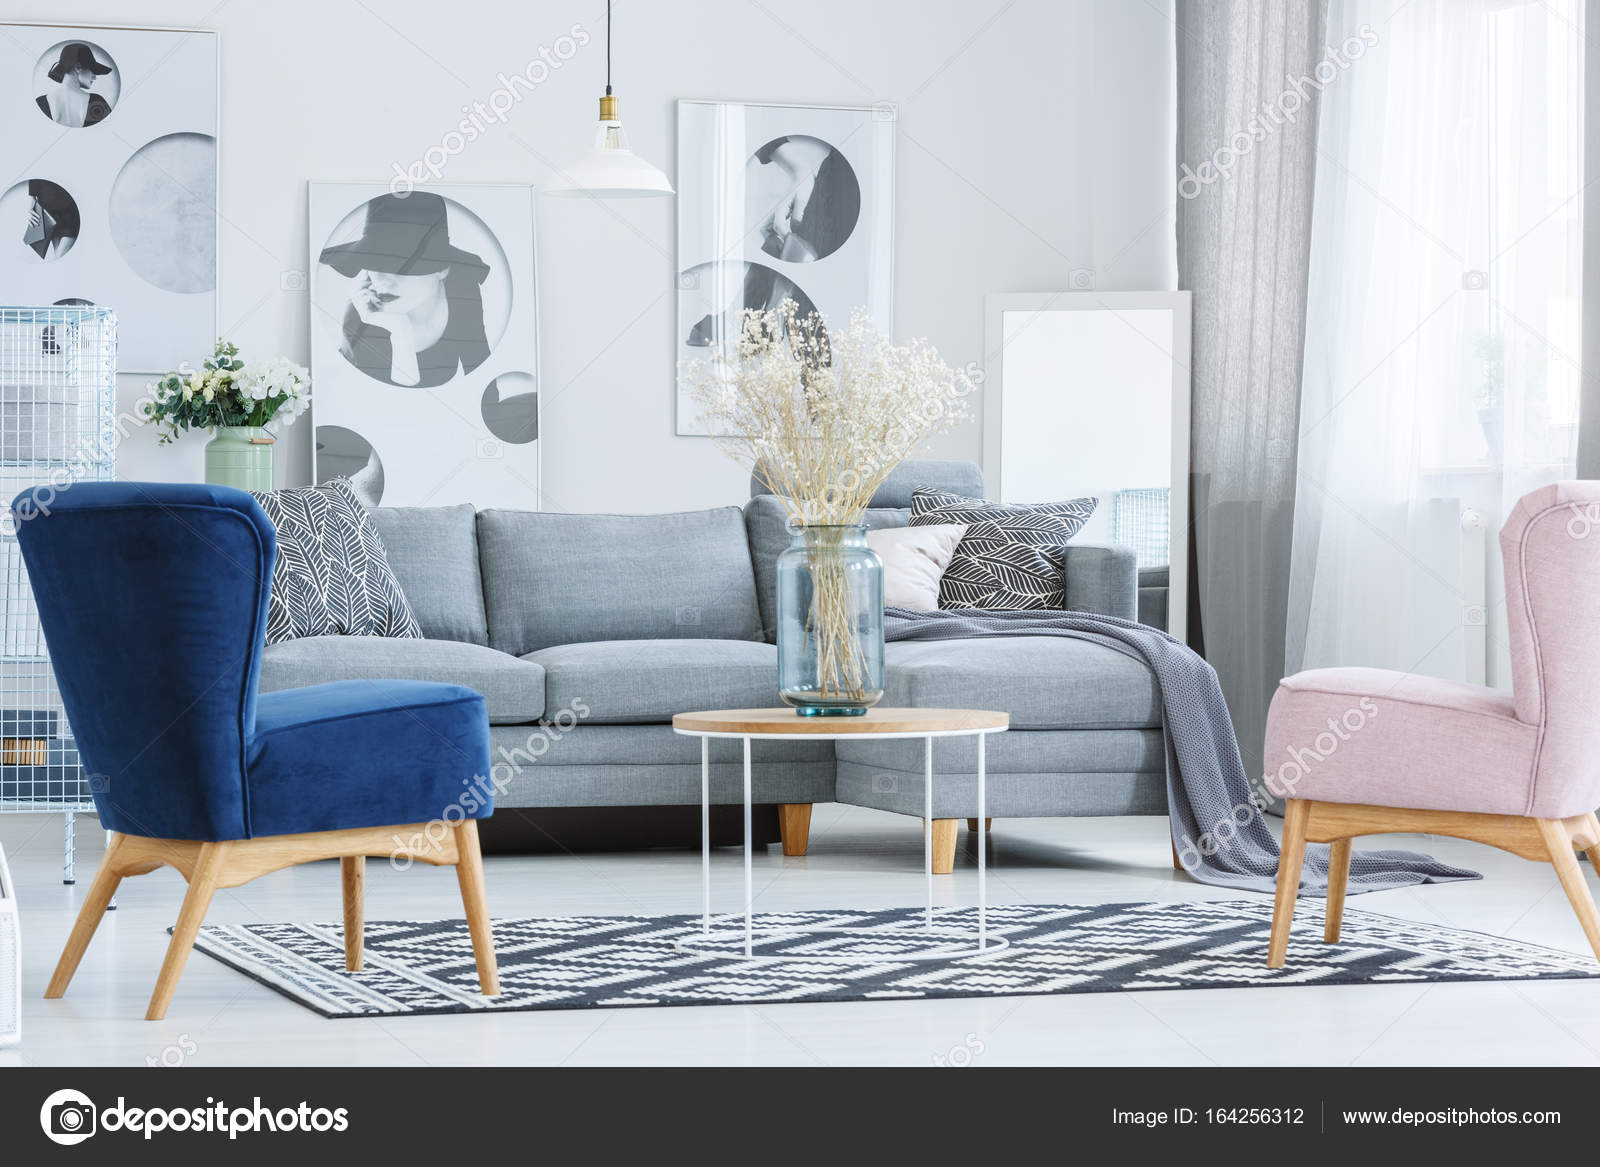 https://st3.depositphotos.com/2249091/16425/i/1600/depositphotos_164256312-stockafbeelding-stijlvolle-woonkamer-met-fauteuils.jpg